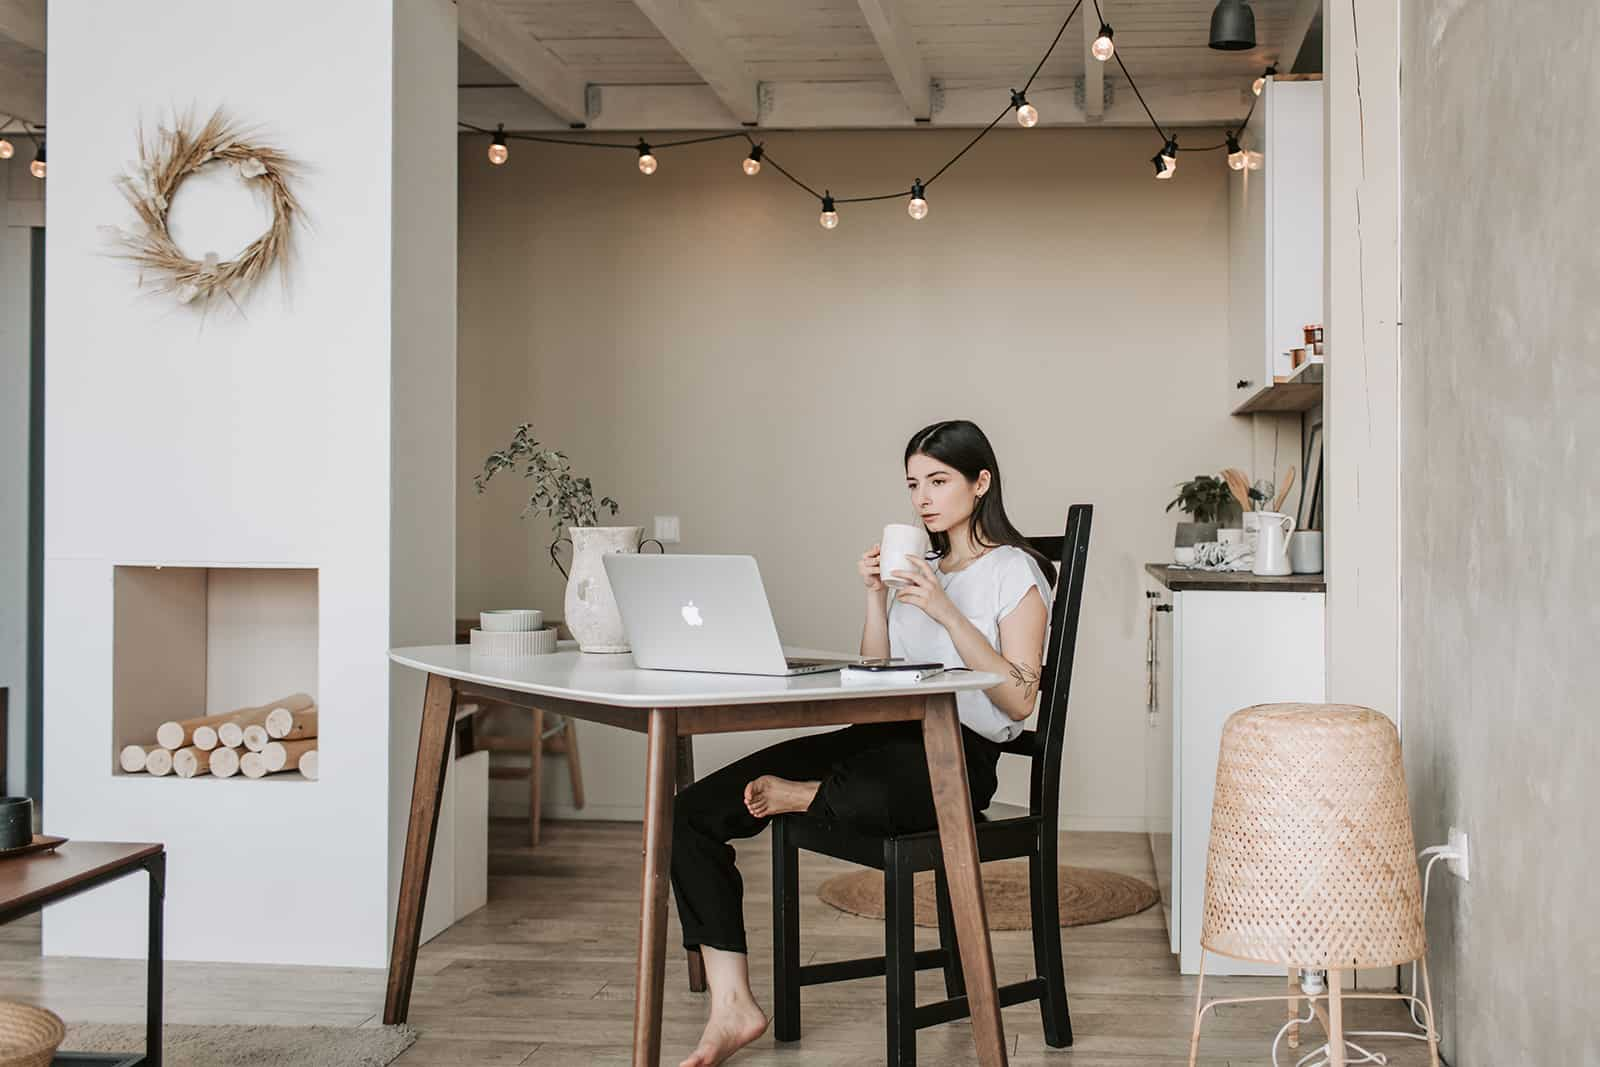 Eine konzentrierte Frau trinkt Kaffee, während sie zu Hause vor einem Laptop sitzt